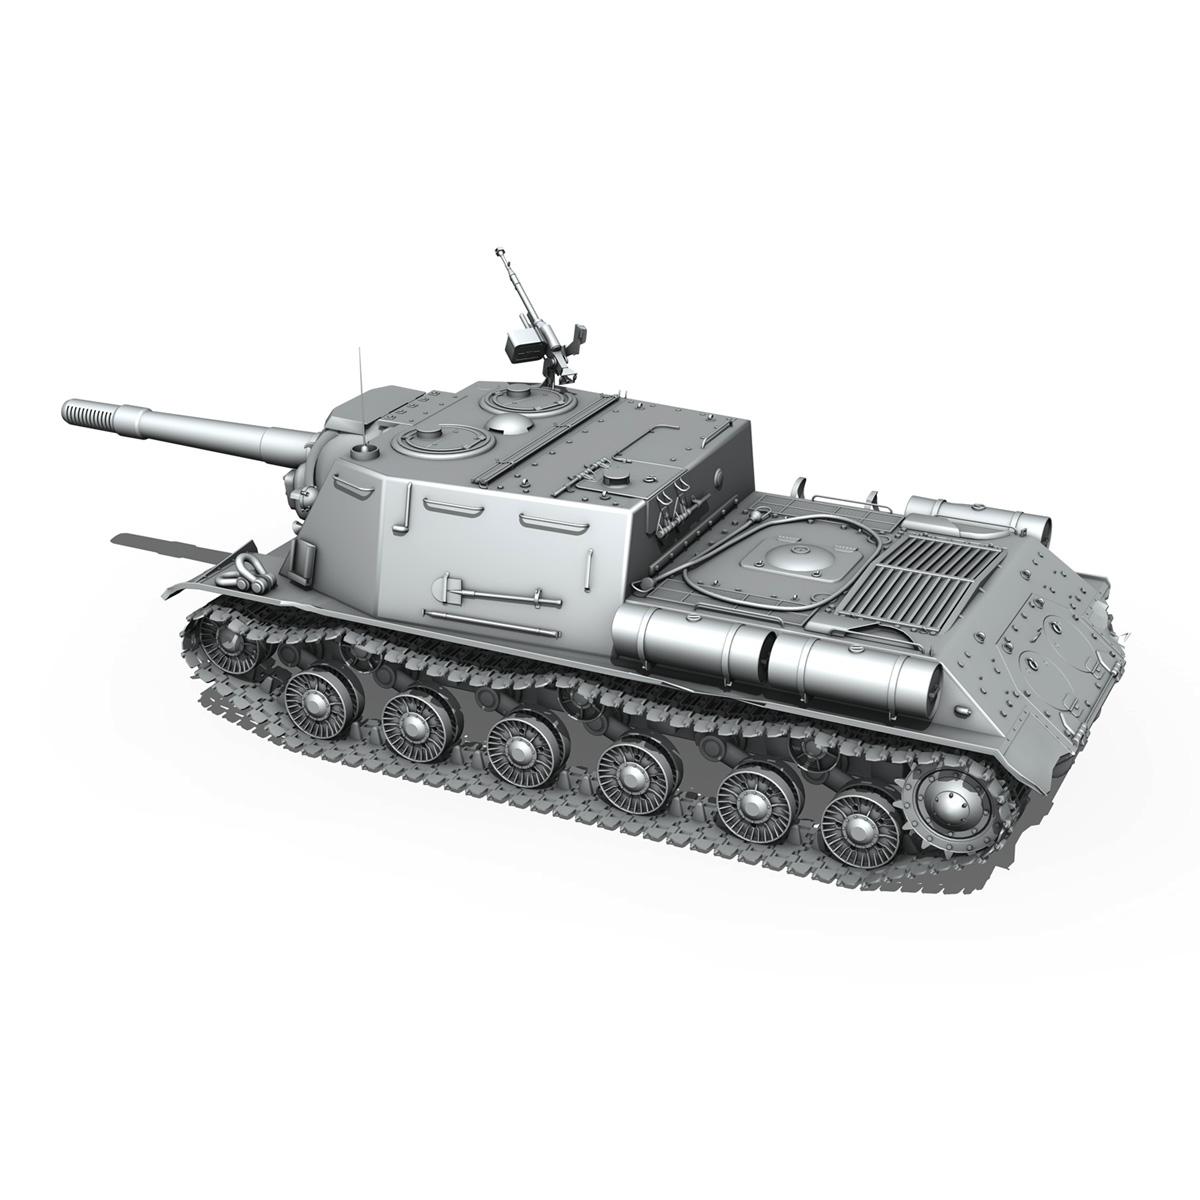 isu 152 soviet heavy self propelled gun v2 3d model 3ds fbx c4d lwo obj 188877